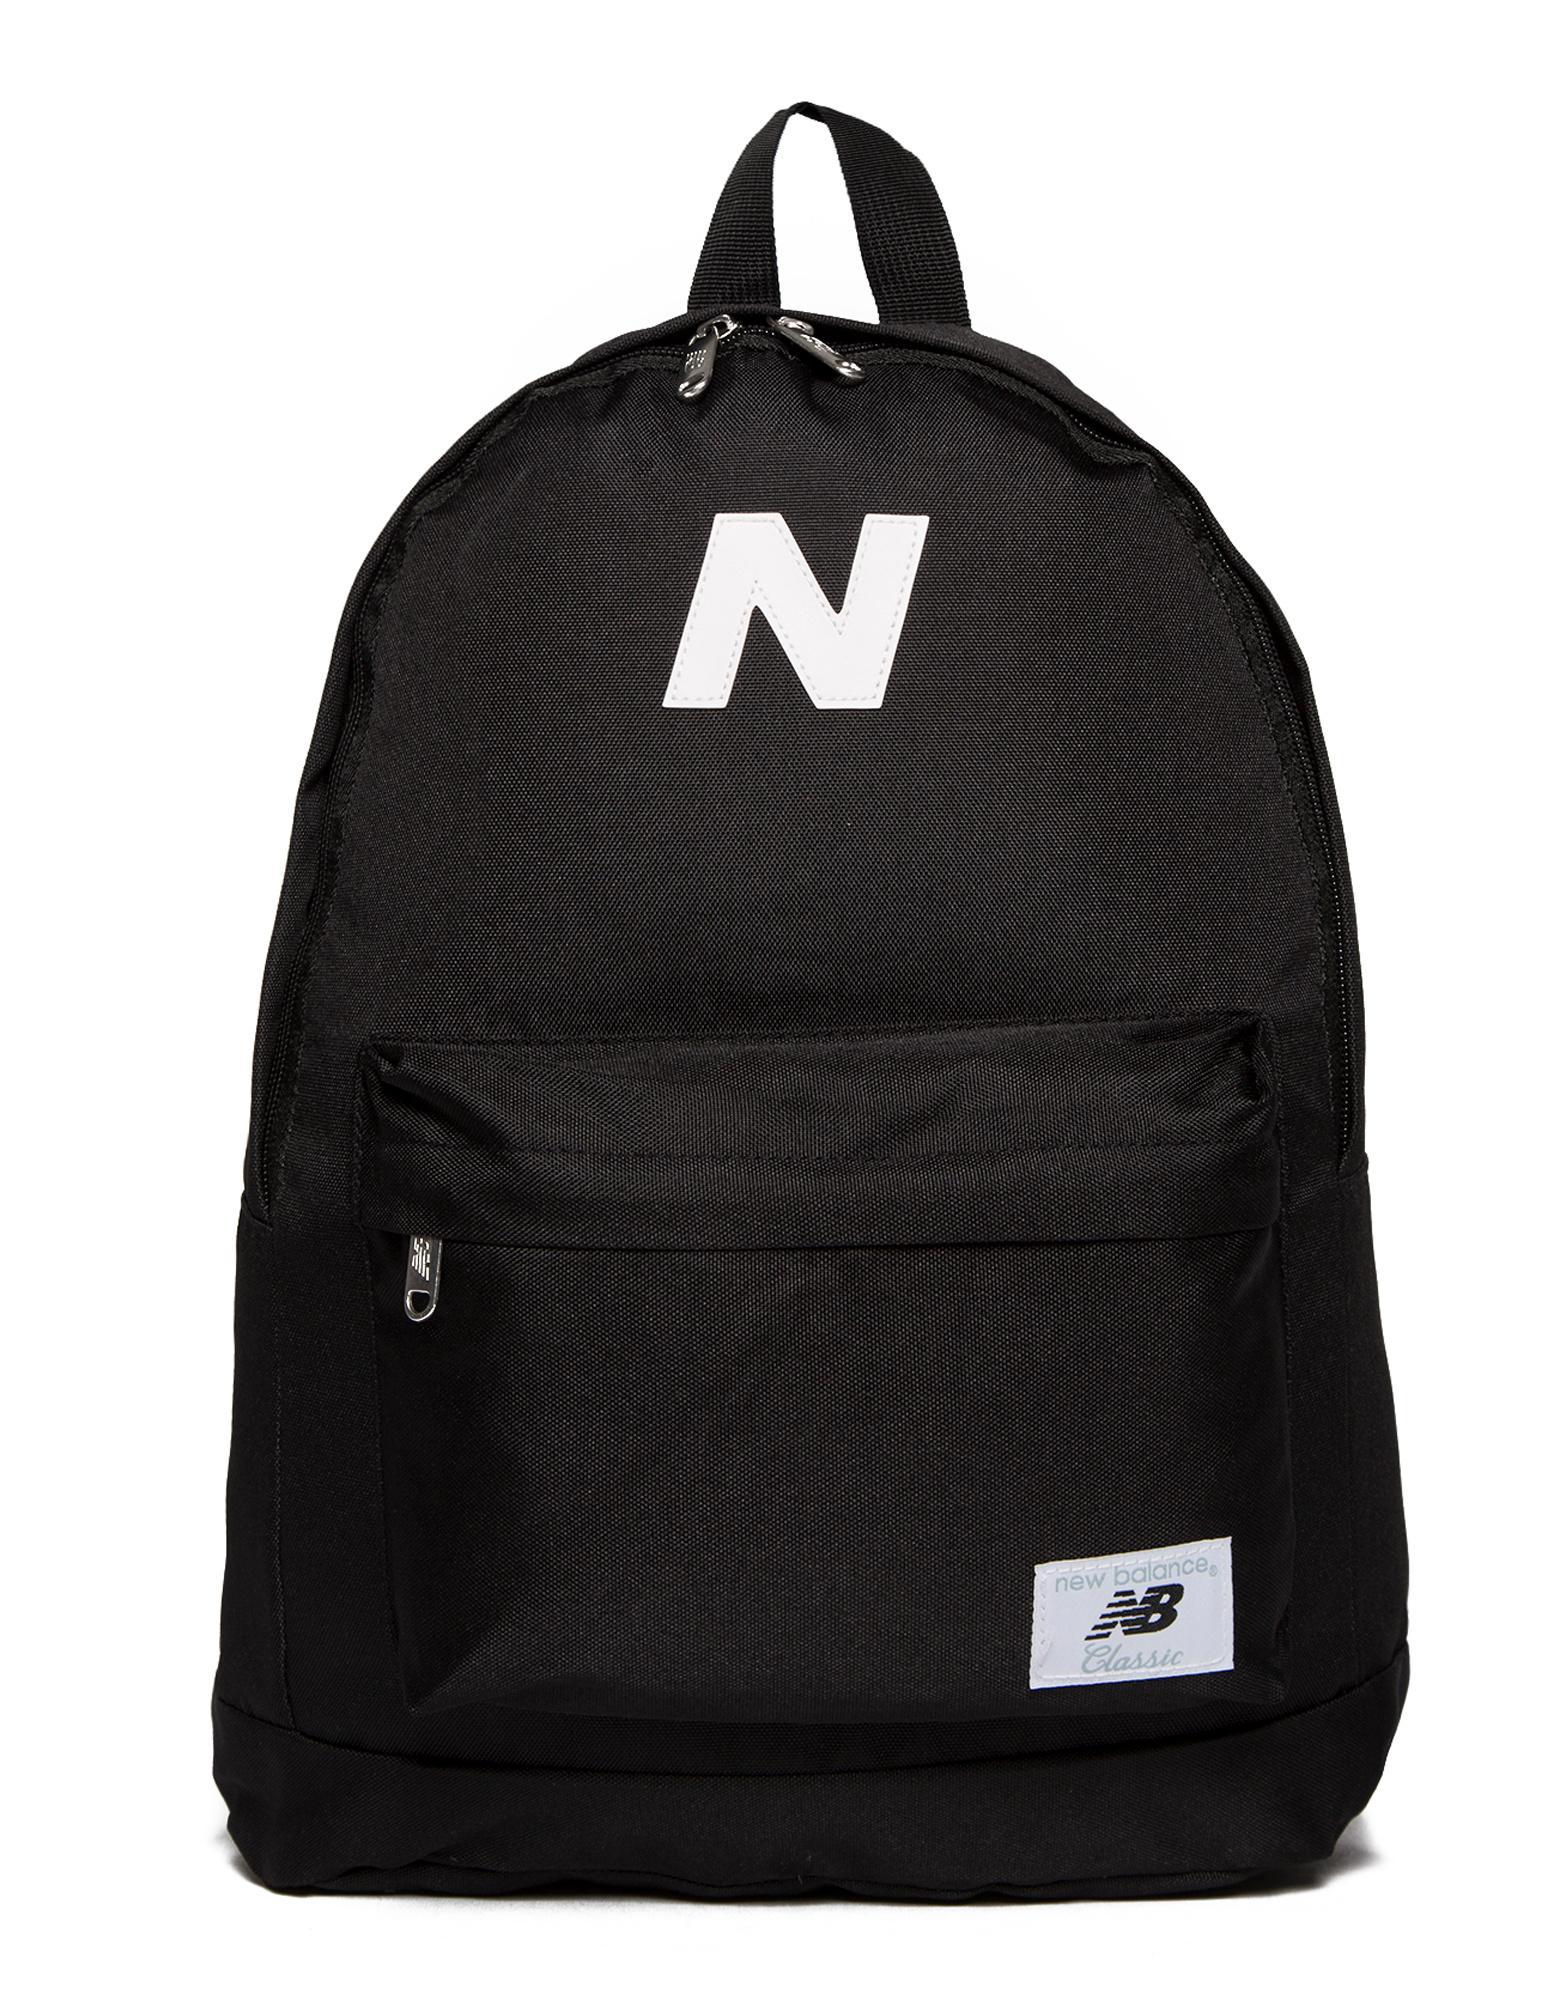 New balance рюкзак черный купить wwe рюкзак джон сина rey mysterio